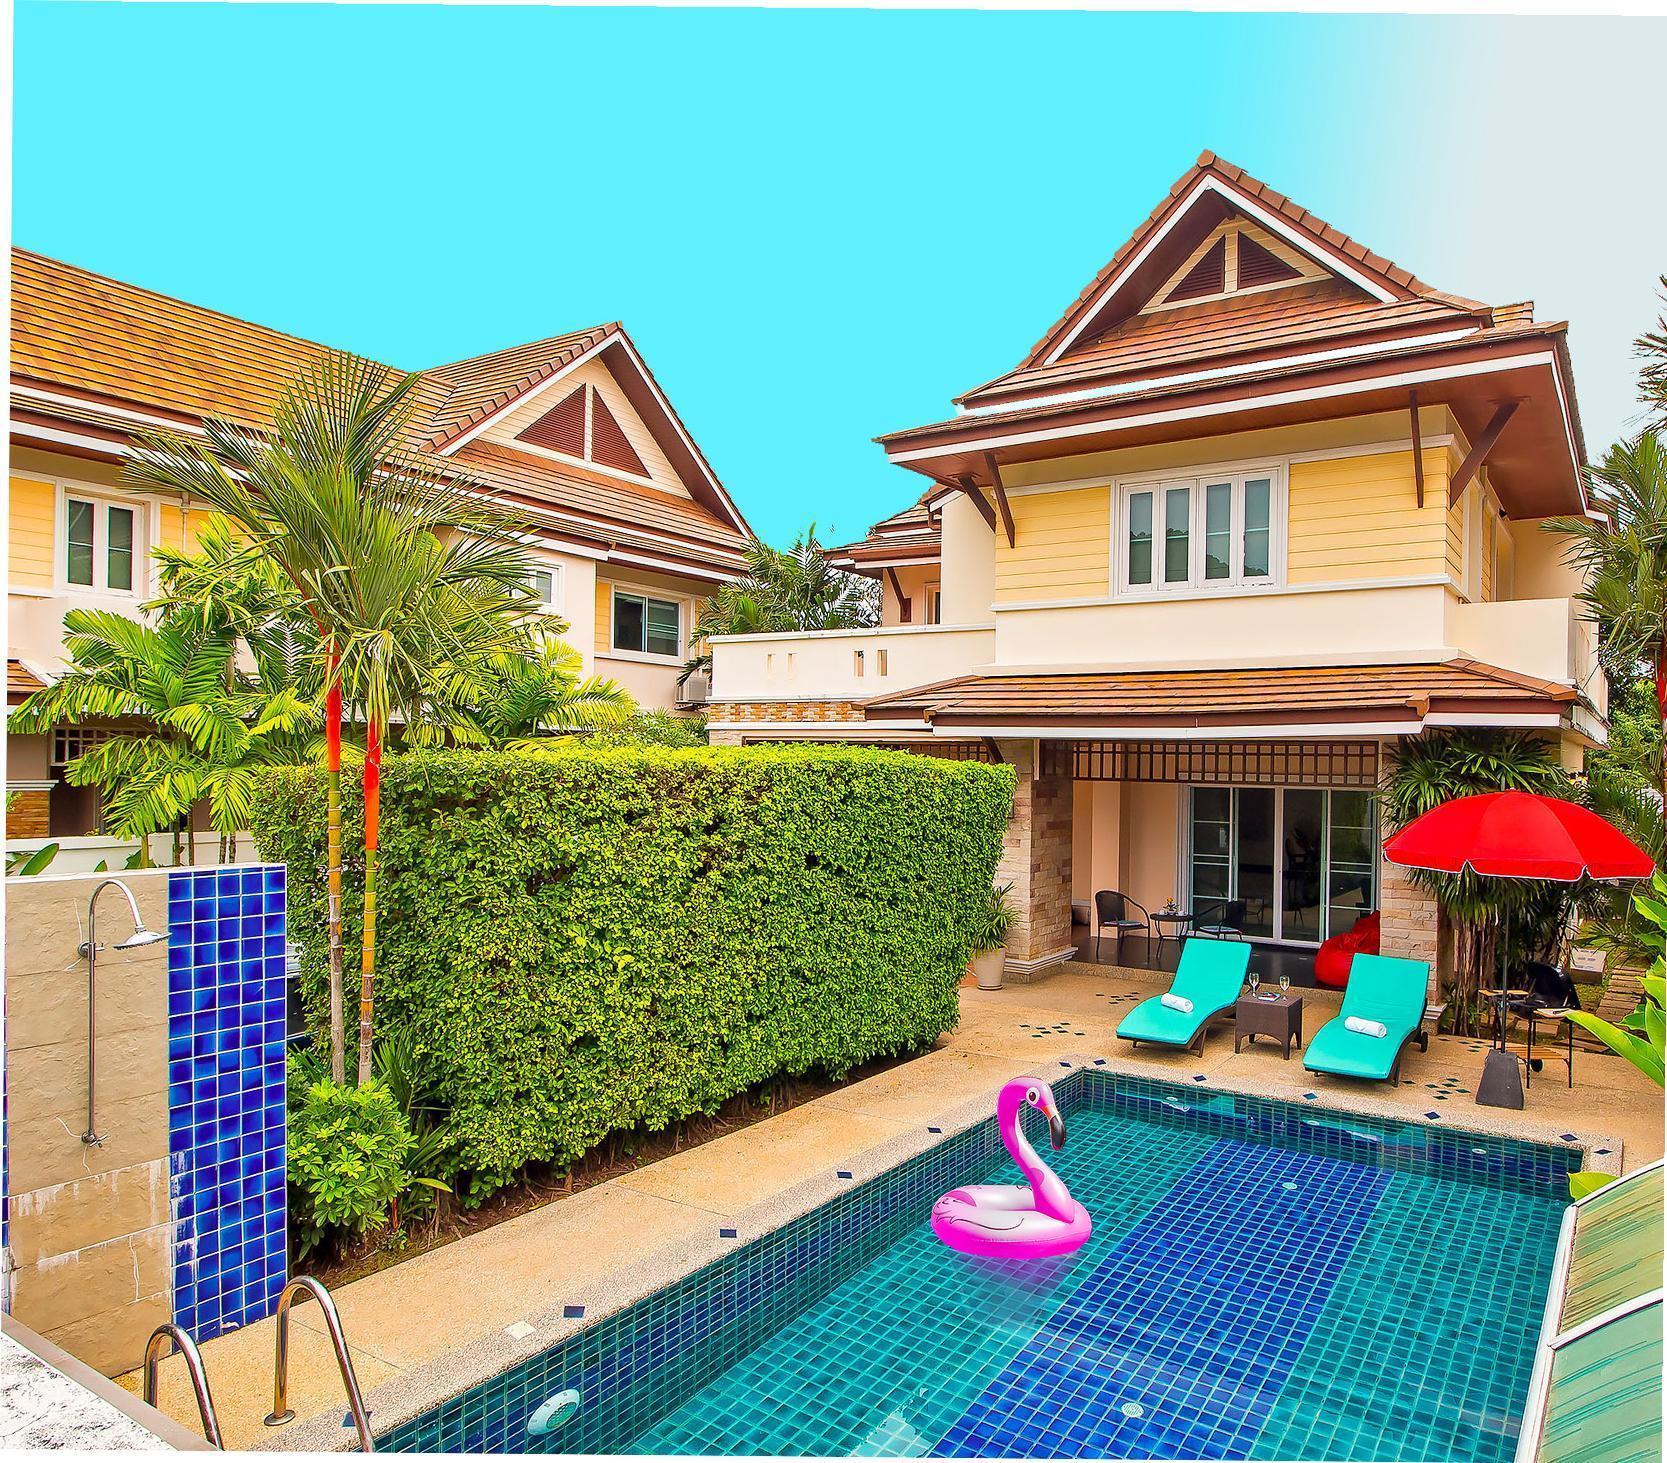 Nai harn Phuket Orchard Villa Nai harn Phuket Orchard Villa